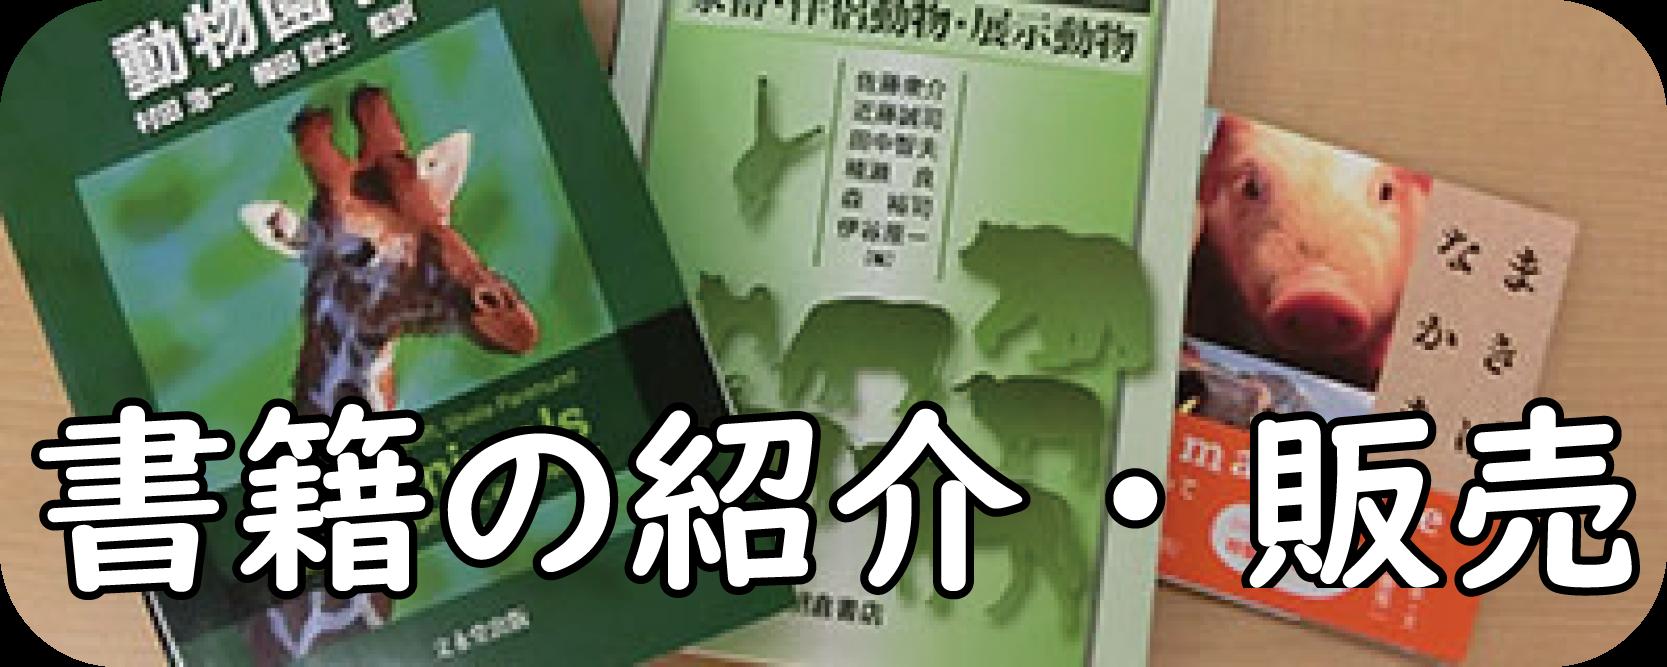 jsabm_menu5